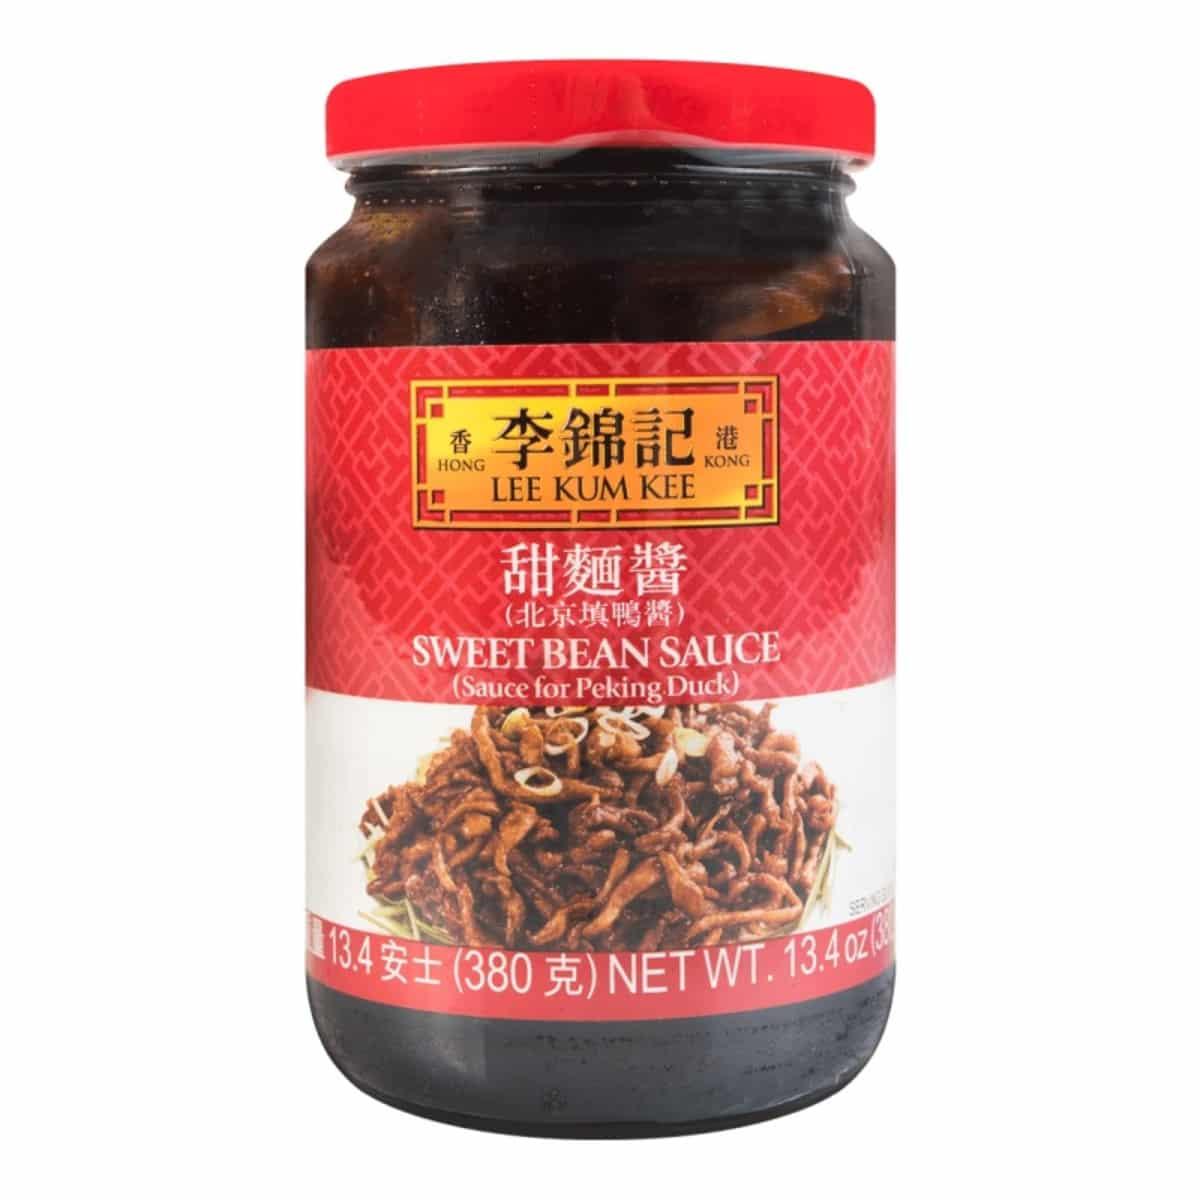 LKK Sweet Bean Sauce 李锦记甜面酱 13.4oz